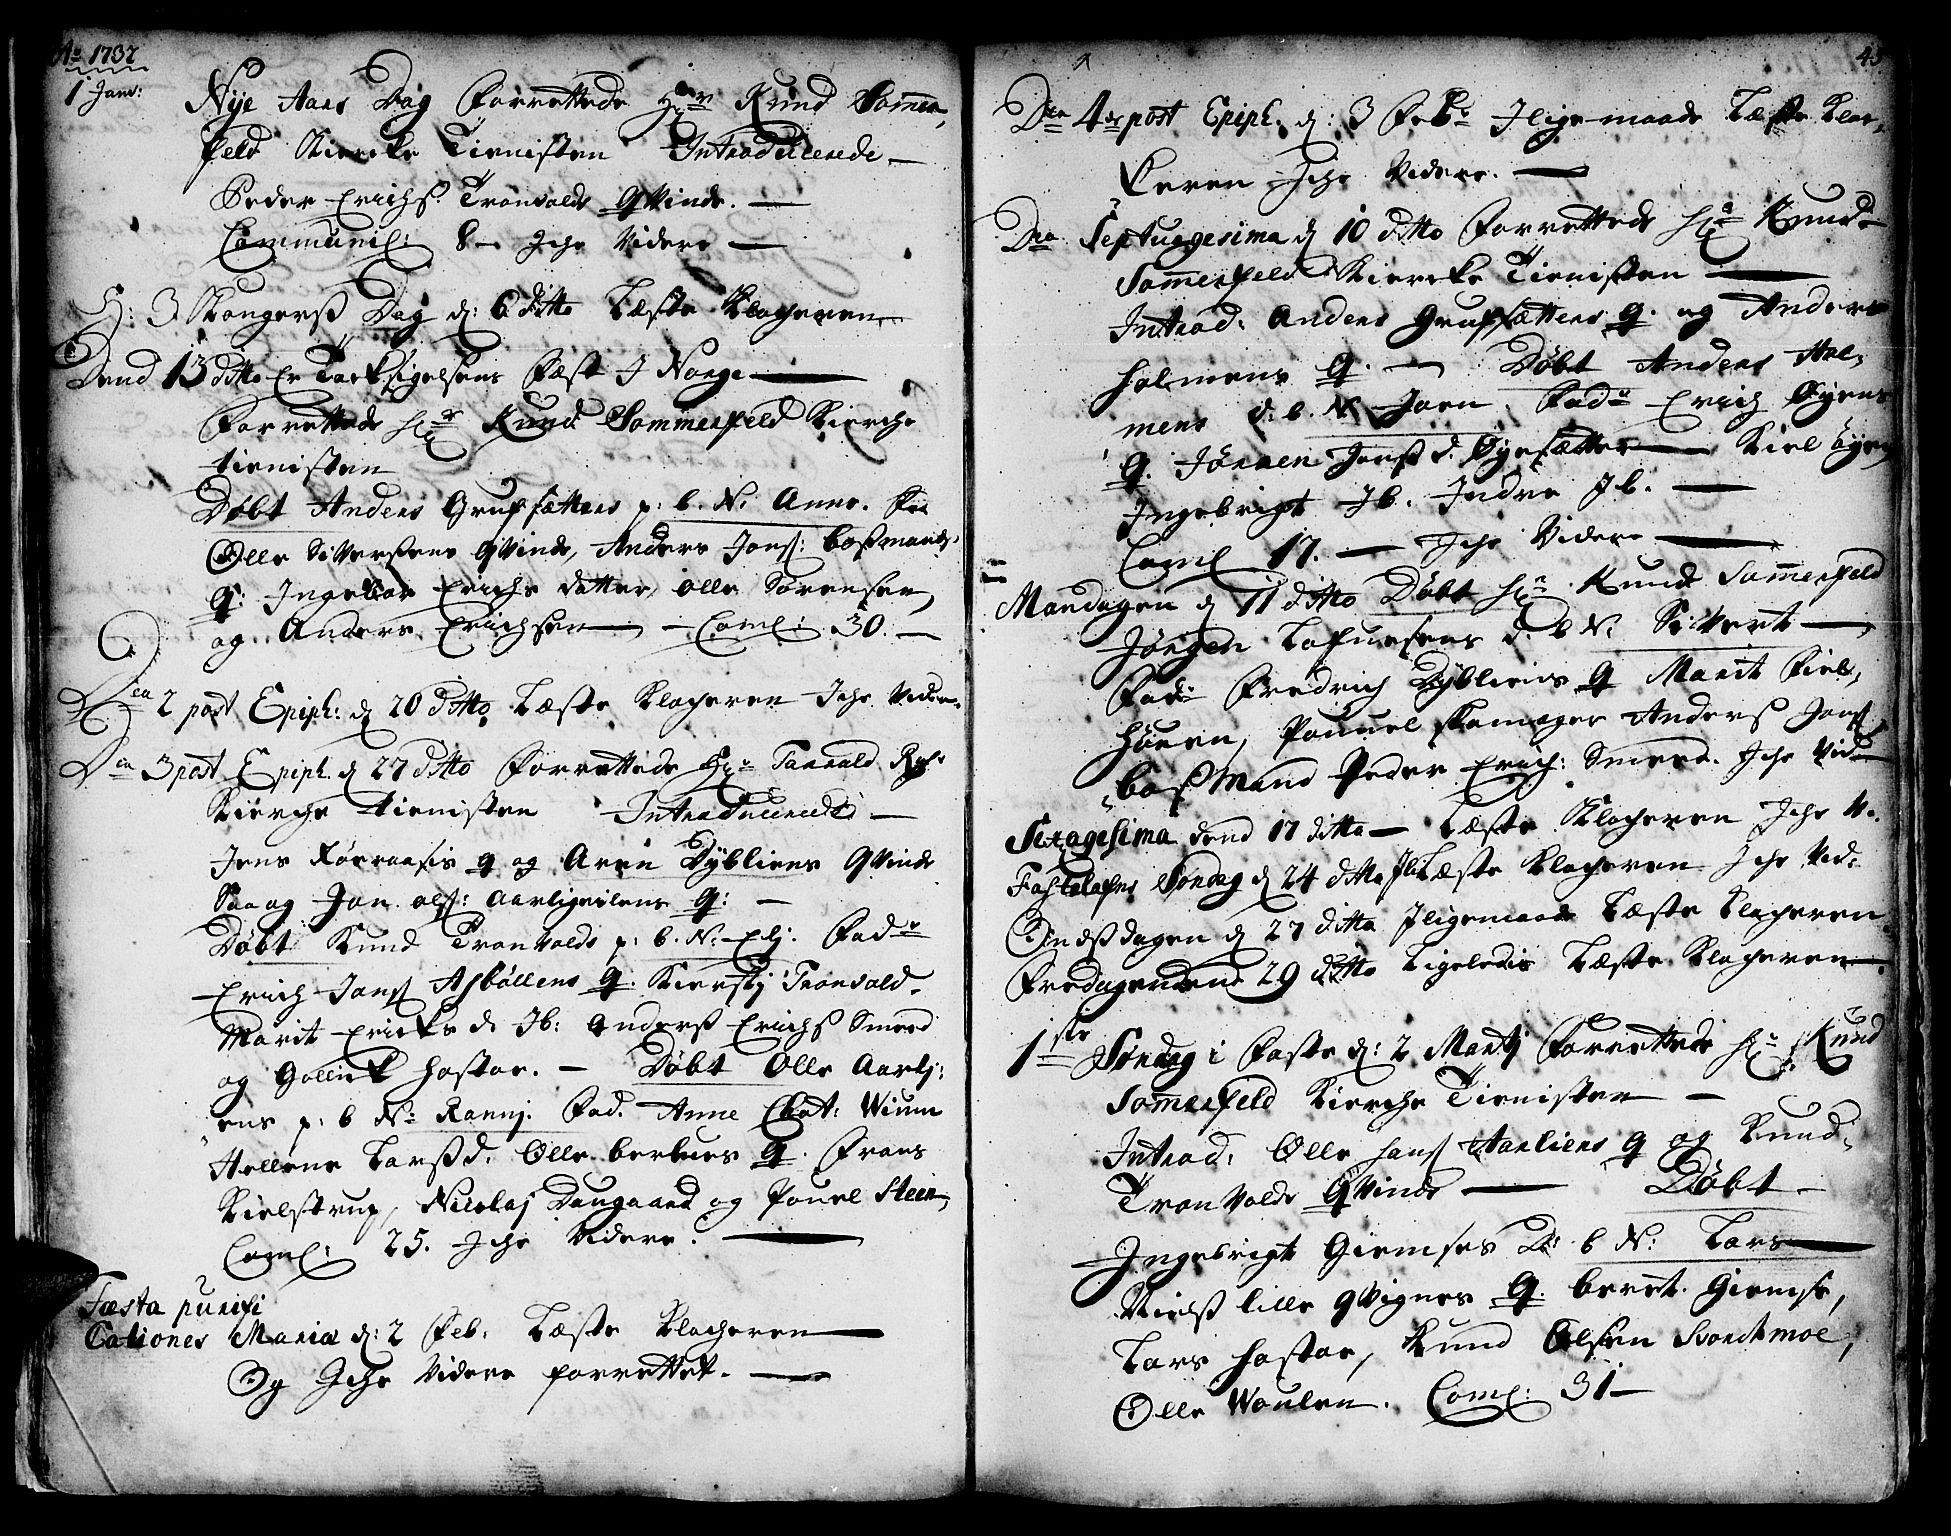 SAT, Ministerialprotokoller, klokkerbøker og fødselsregistre - Sør-Trøndelag, 671/L0839: Ministerialbok nr. 671A01, 1730-1755, s. 44-45